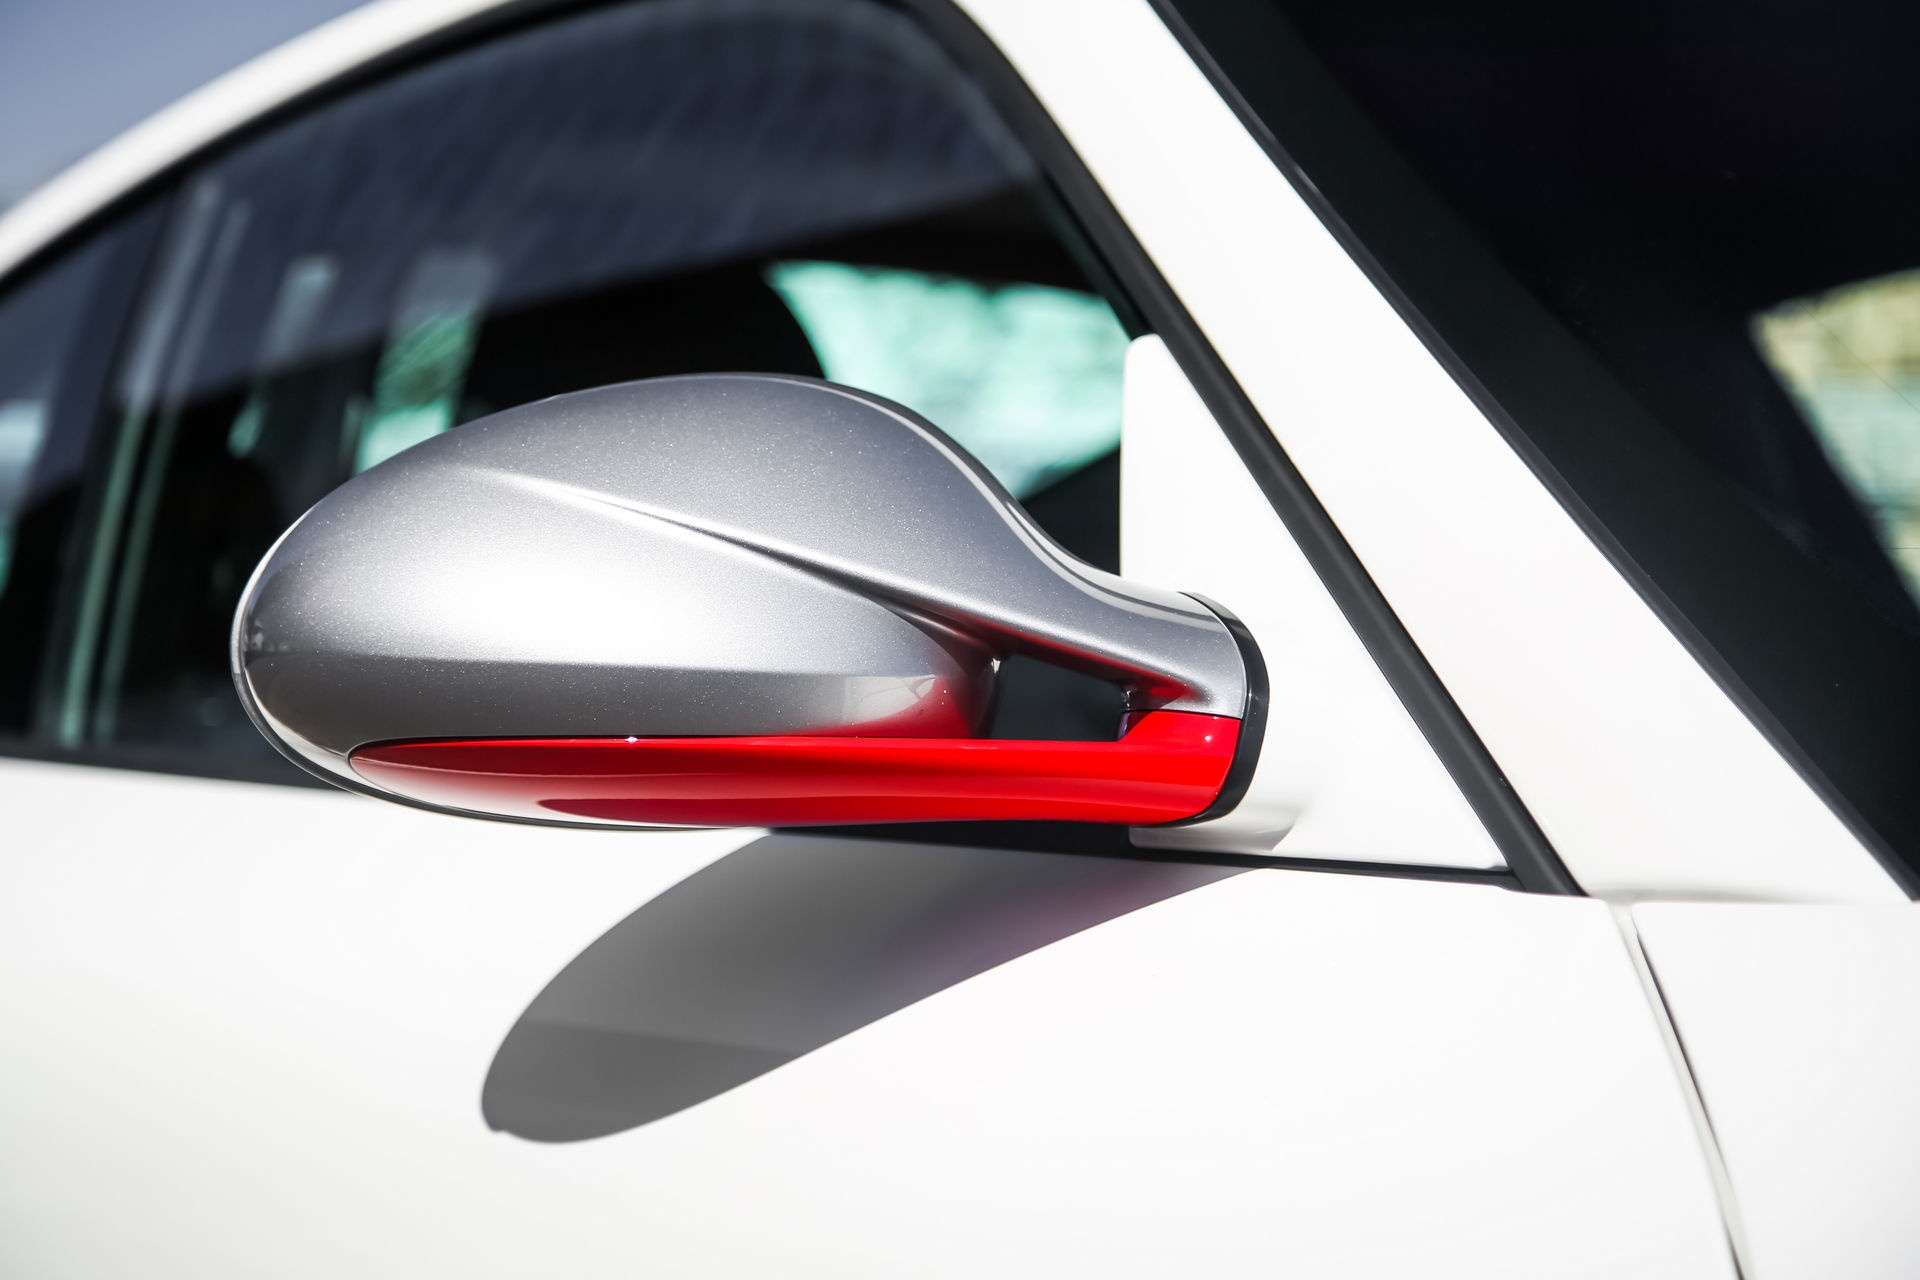 Ngam nhin Porsche 911 GT3 RS 4.0 2011 phien ban gioi han dac biet anh 5